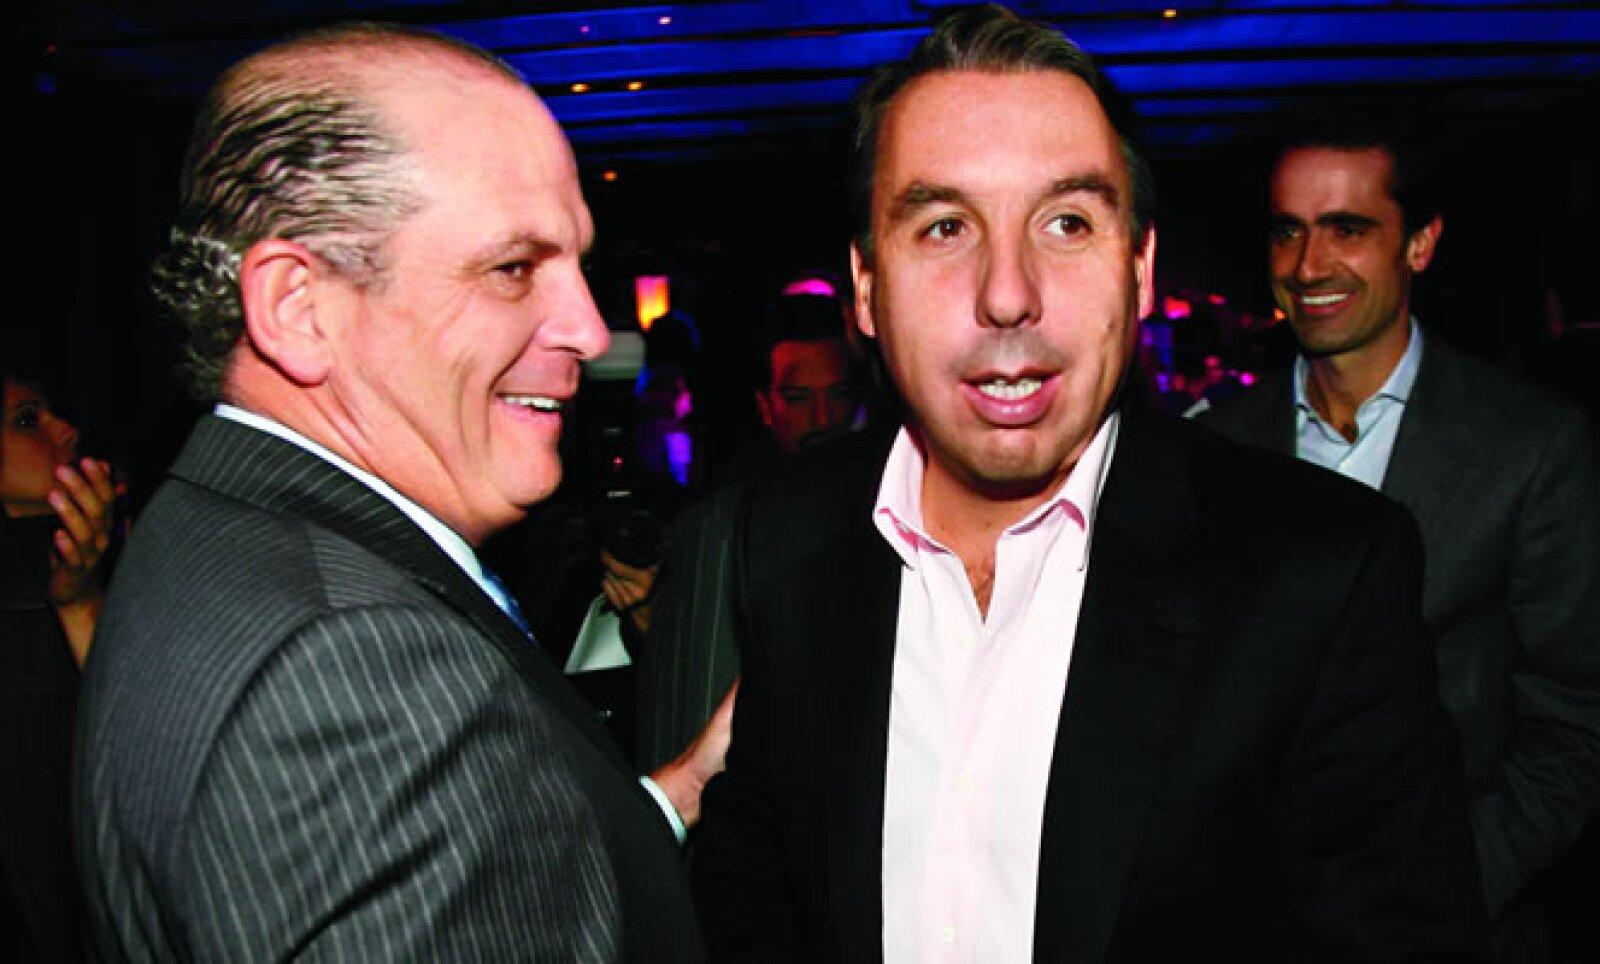 Emilio fue el primero de la dinastía Azcárraga en acabar con los privilegios que brindaba la empresa a sus empleados, desde el 2000 impuso un drástico plan de ajuste que acabó con contratos de exclusividad, jets privados, sueldos abultados y grandes banqu